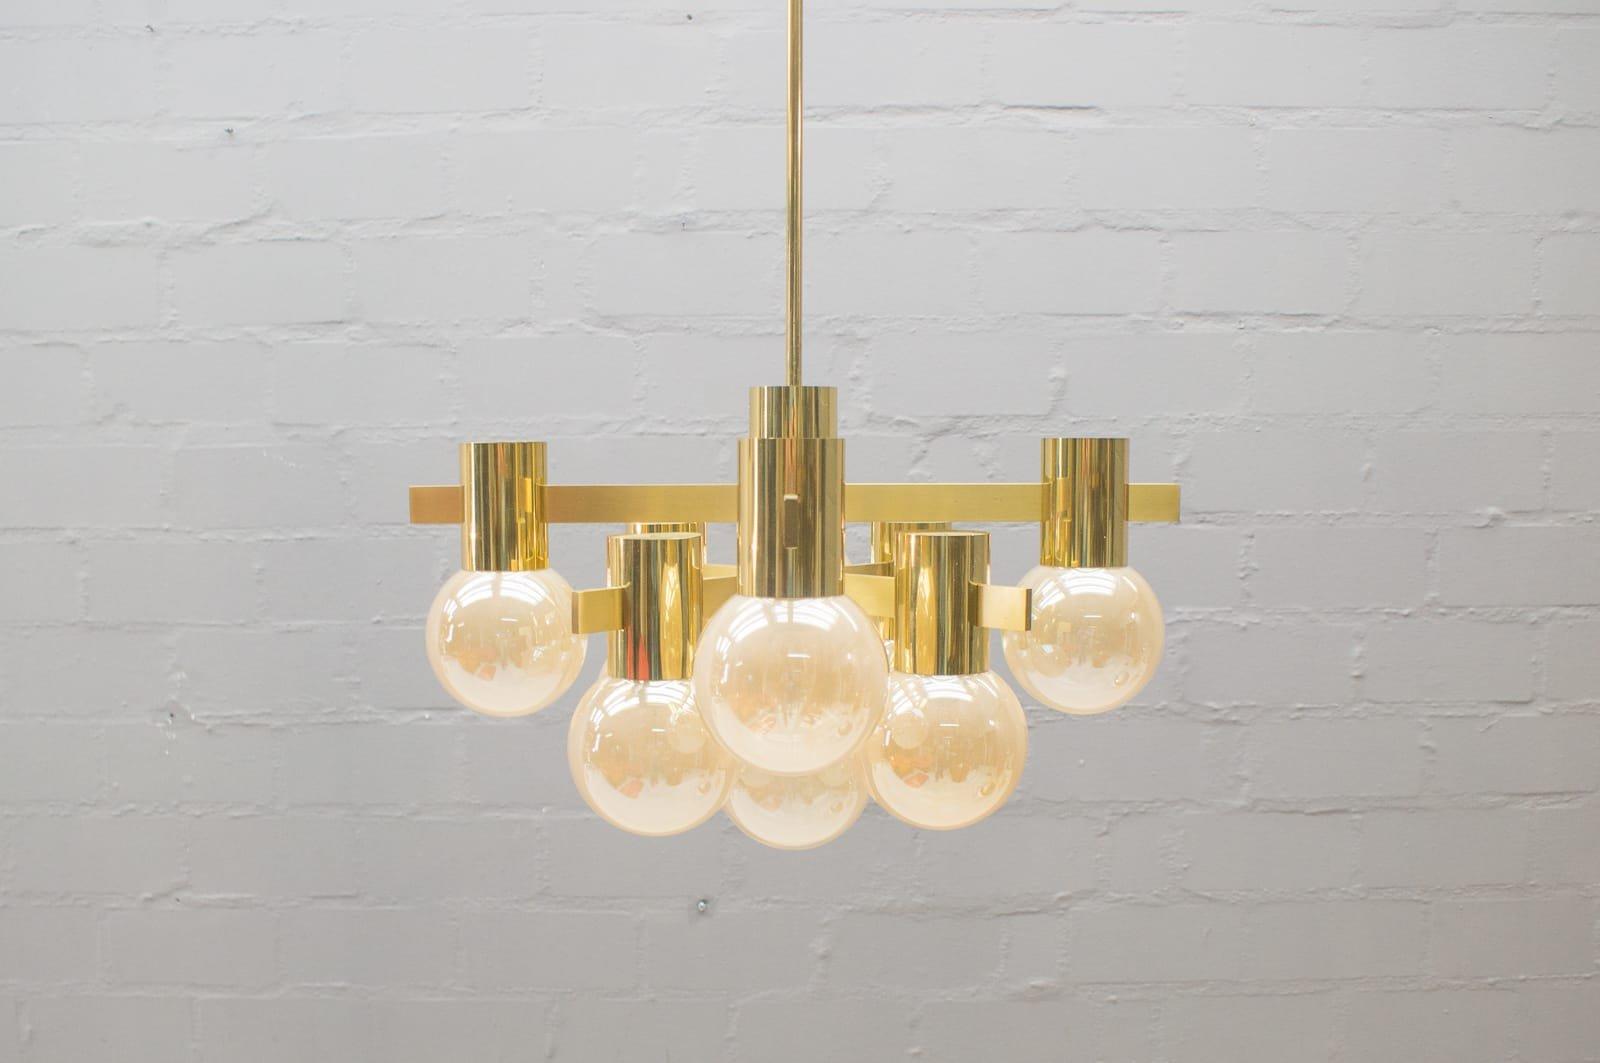 Deckenlampe aus 6 Glasleuchten von Gaetano Sciolari, 1960er